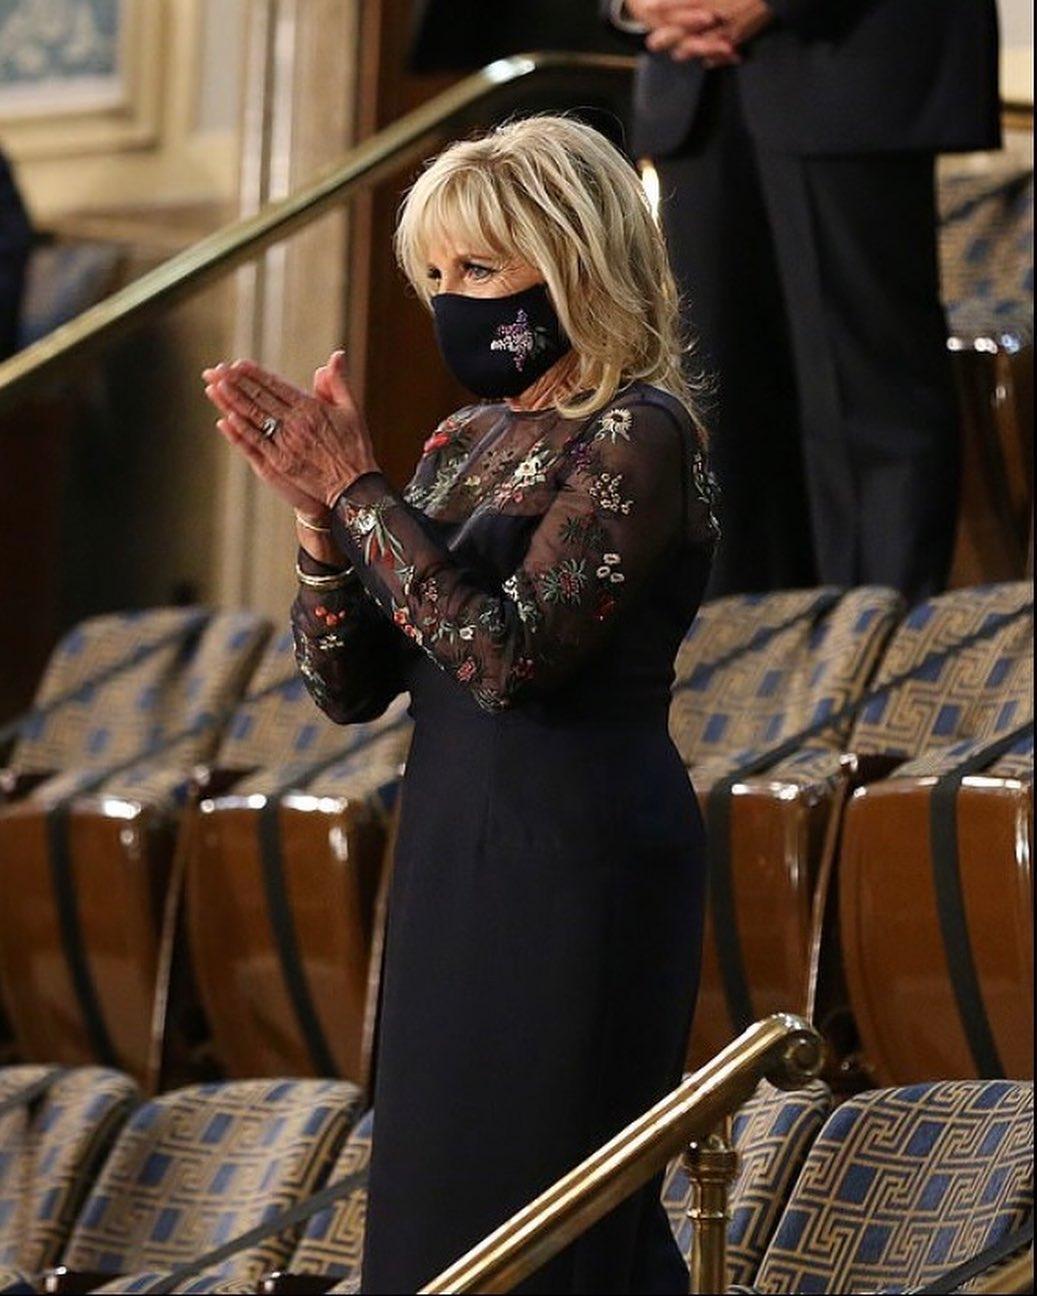 Джилл Байден вышла в свет в элегантном платье с прозрачными вставками (ФОТО) - фото №1